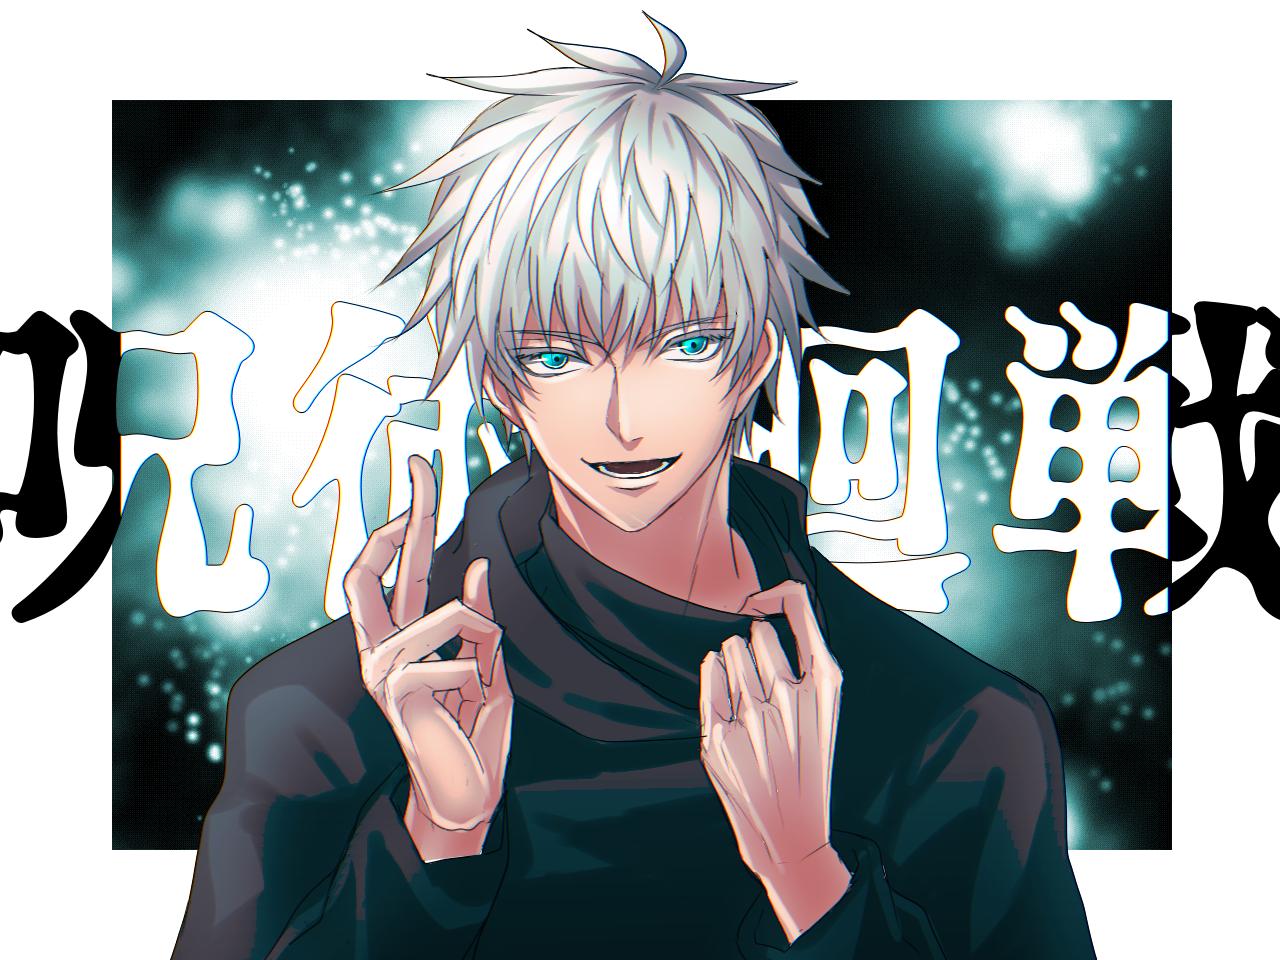 無量空処 Illust of 稲木なゆた JujutsuKaisenFanartContest JujutsuKaisen SatoruGojō